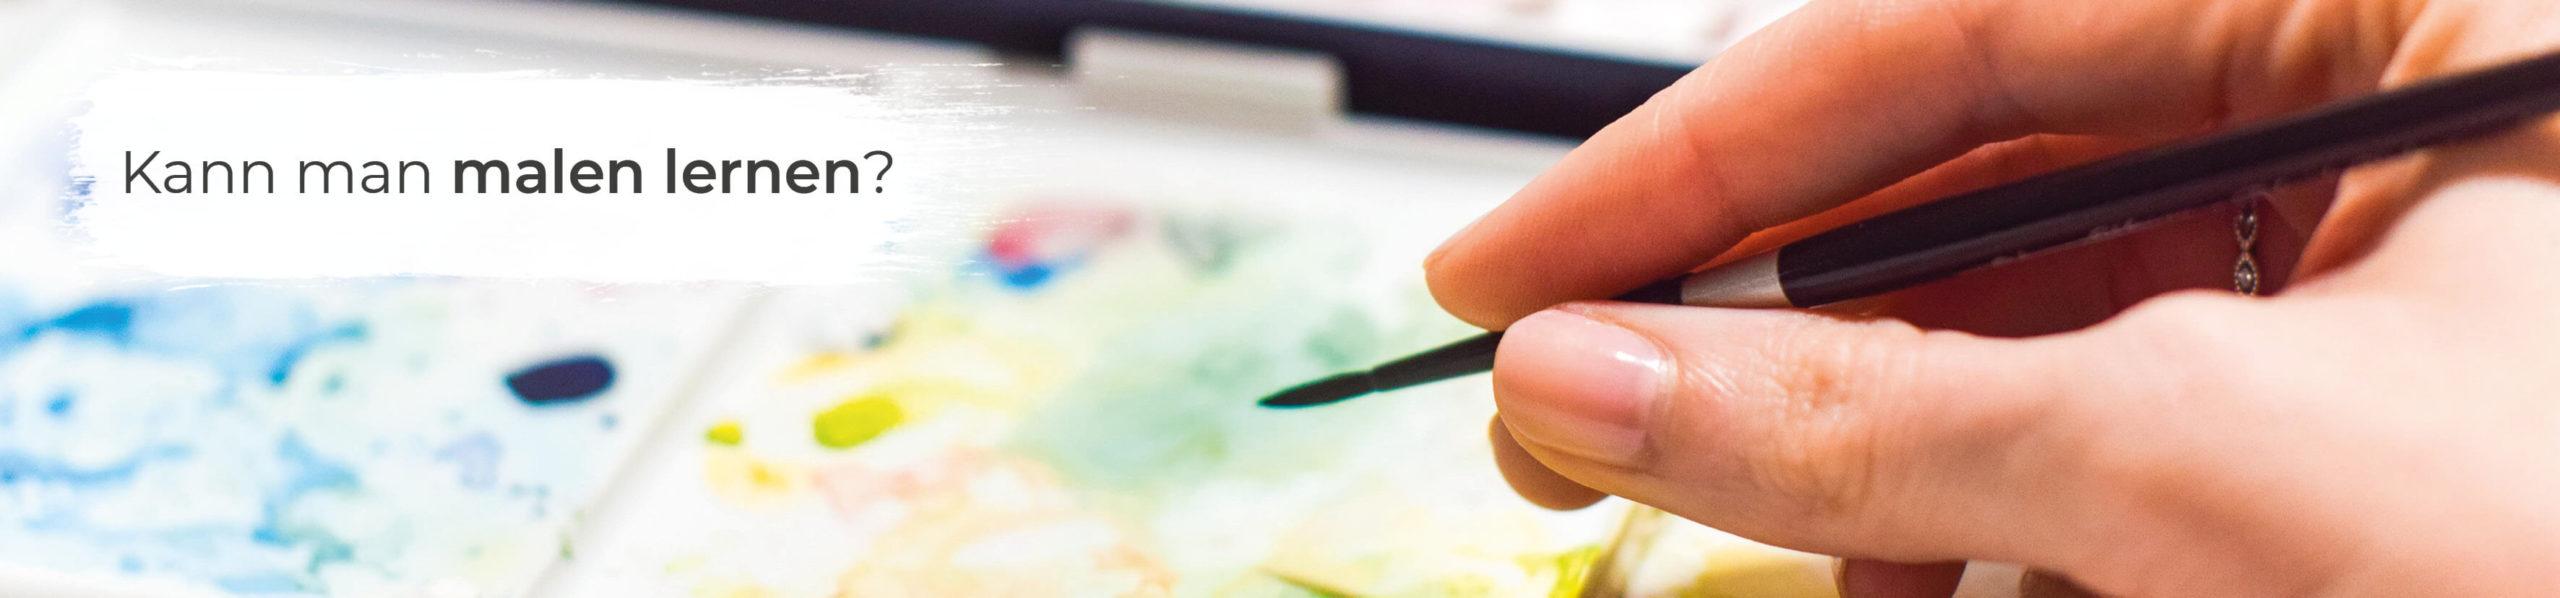 Kann man malen lernen?